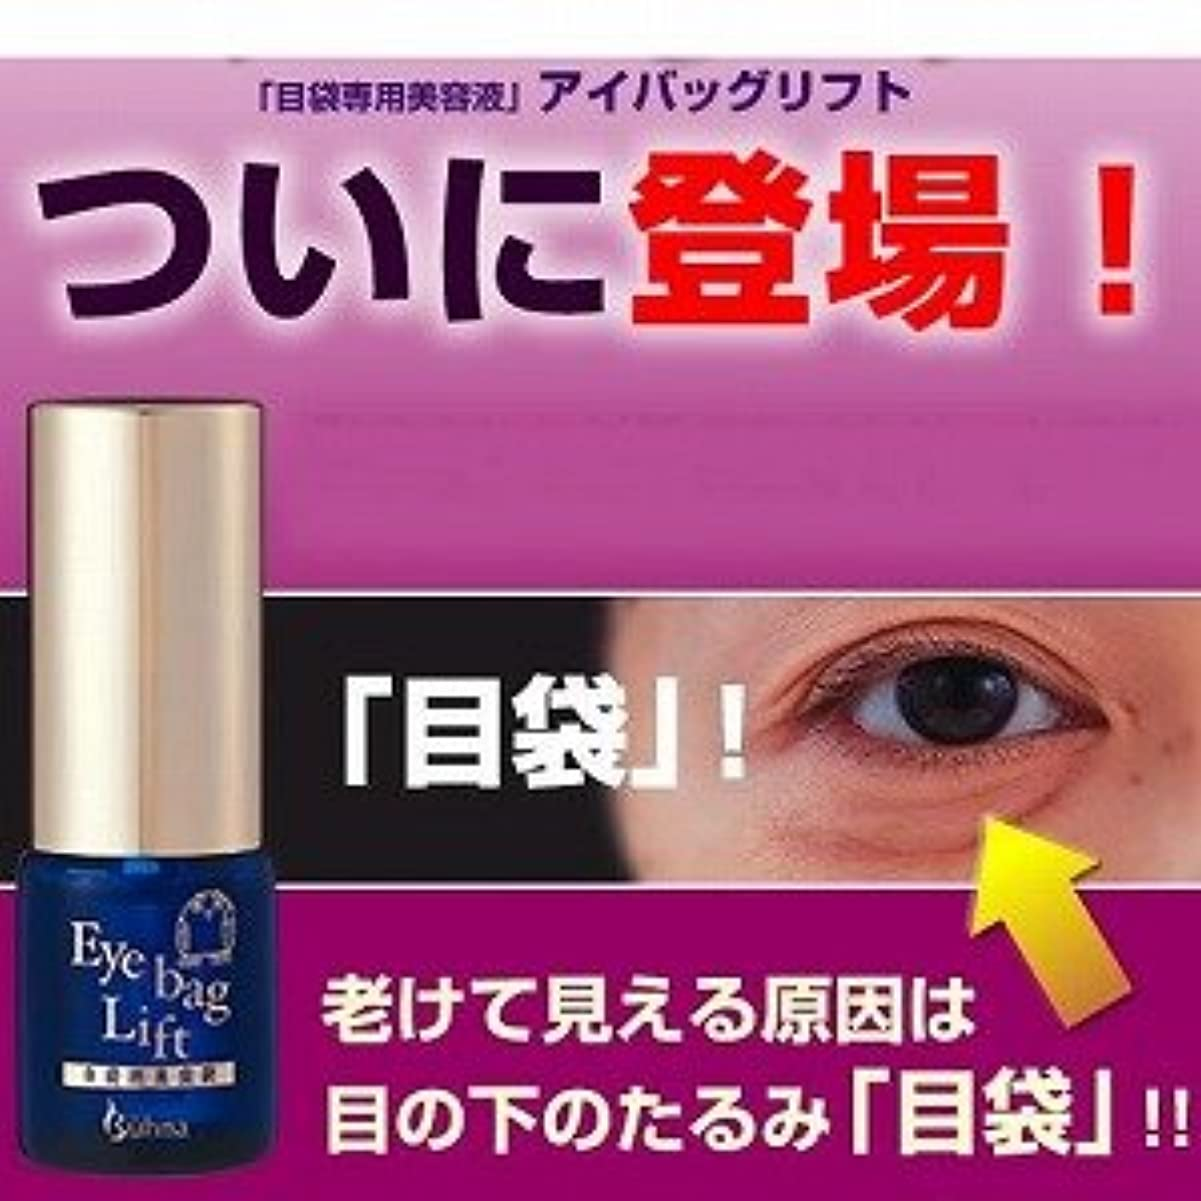 老けて見える原因は、目元、目の下のたるみ「目袋」『目袋専用美容液 アイバッグリフト』